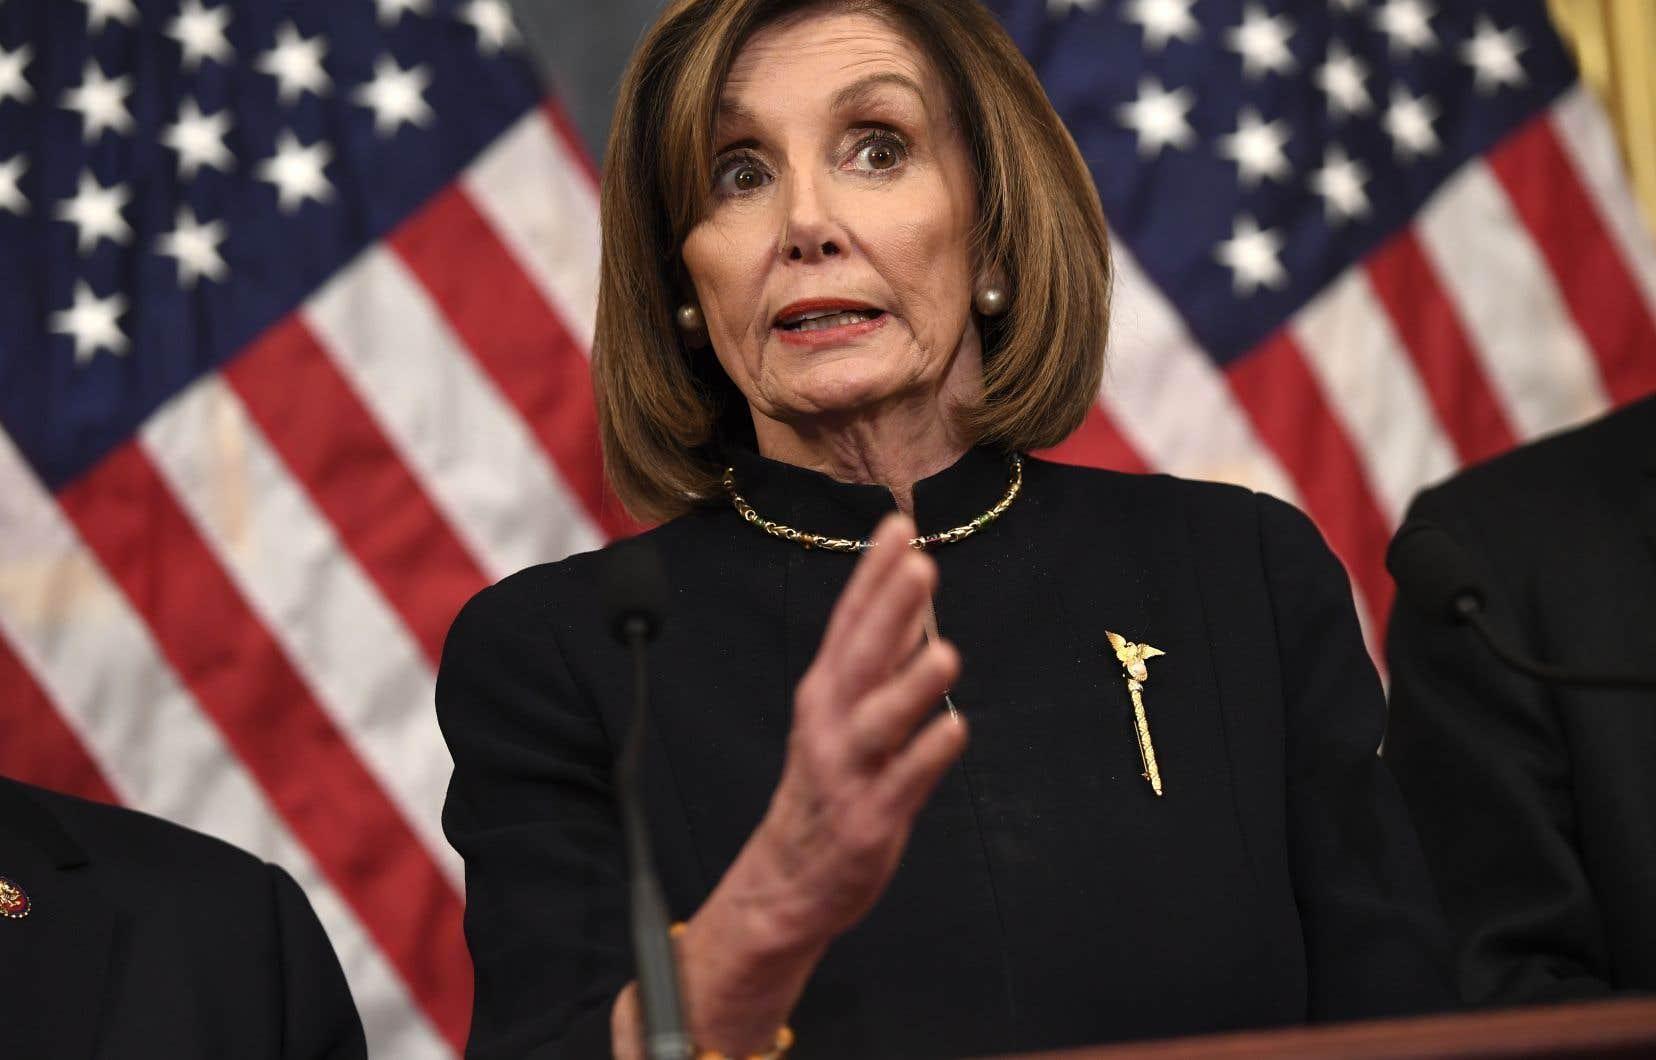 «Cette semaine, la Chambre des représentants introduira une résolution sur les pouvoirs de guerre pour limiter les actions militaires du président contre l'Iran», a annoncé la cheffe des démocrates au Congrès, Nancy Pelosi.